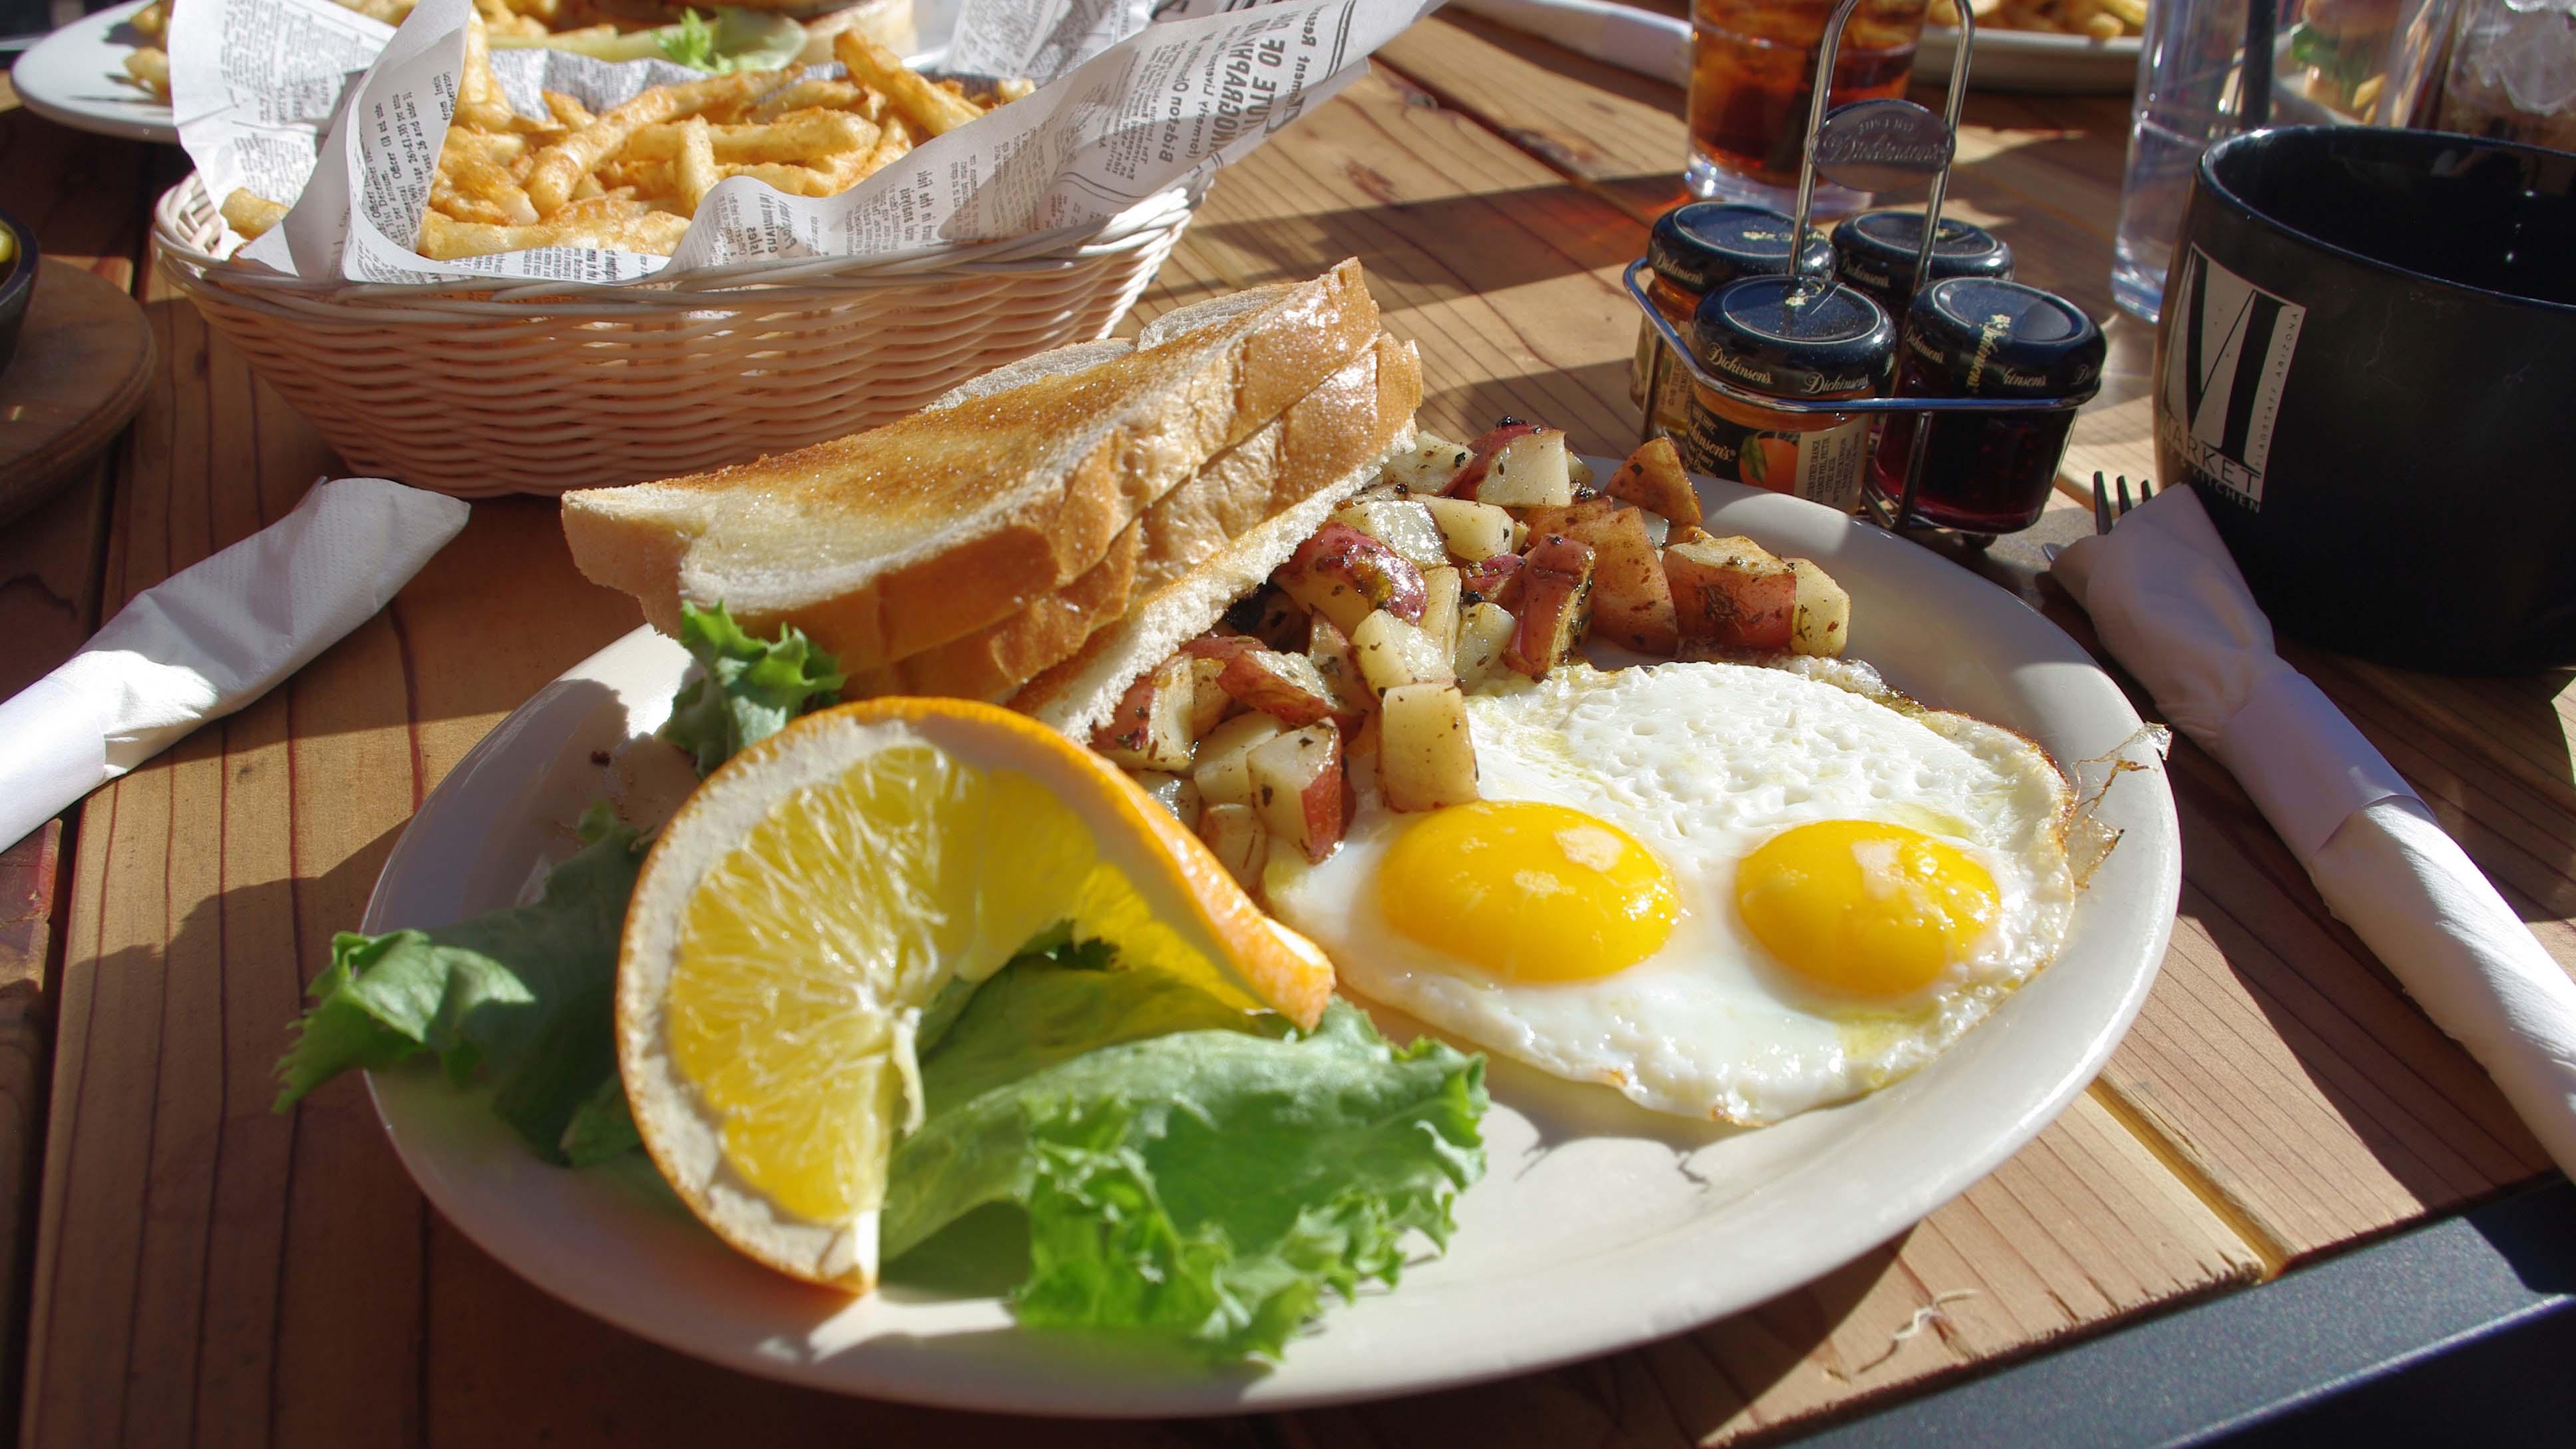 フラッグスタッフ レストラン マーケットバー&キッチン Flagstaff Market Bar & Kitchen ハンバーガー